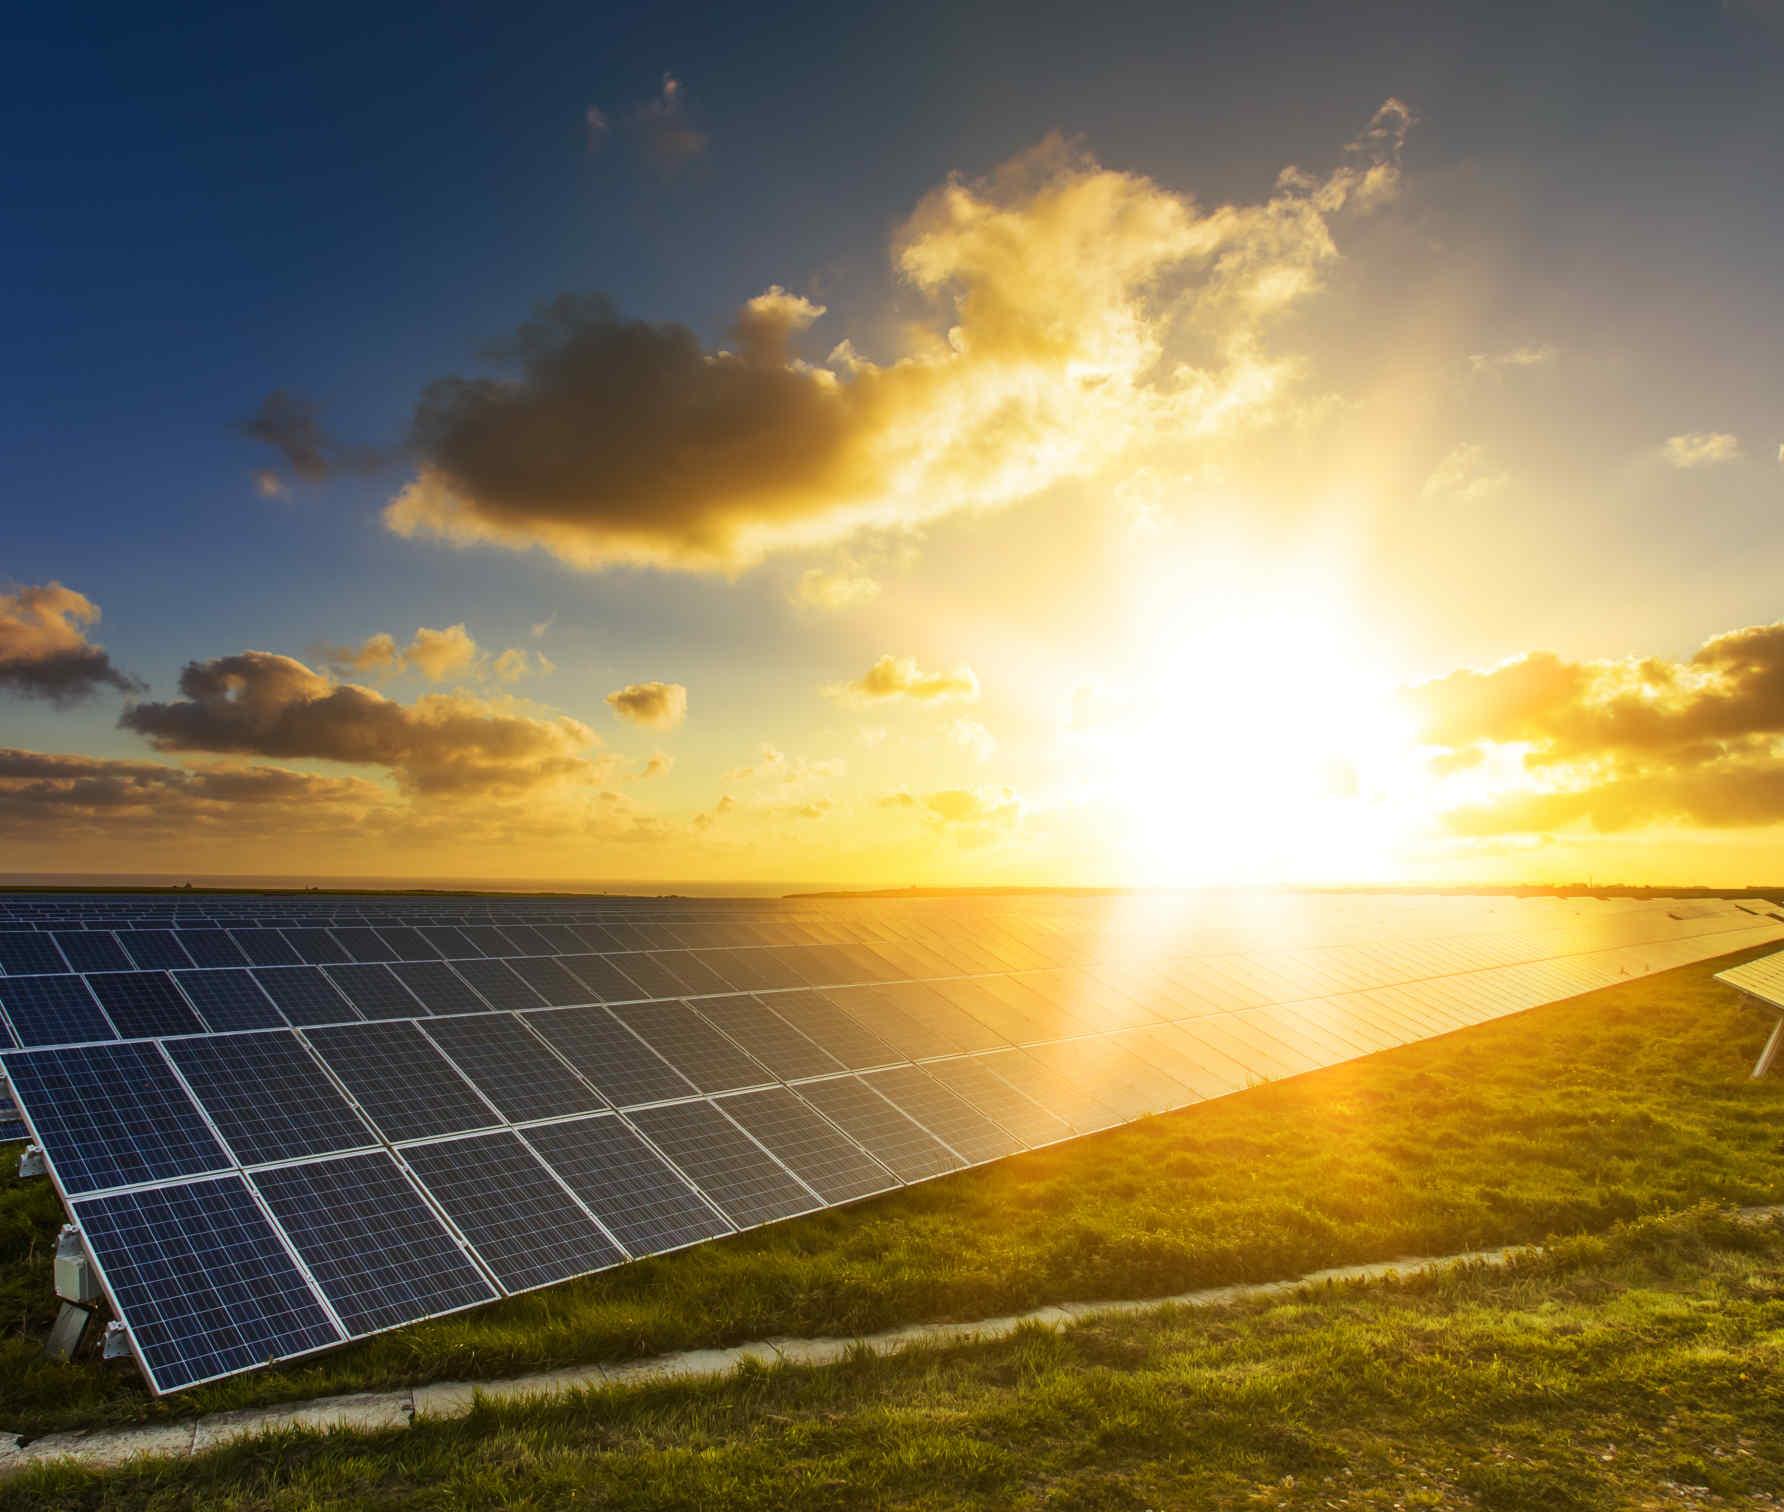 Ученые приблизились к получению водорода из солнечного света